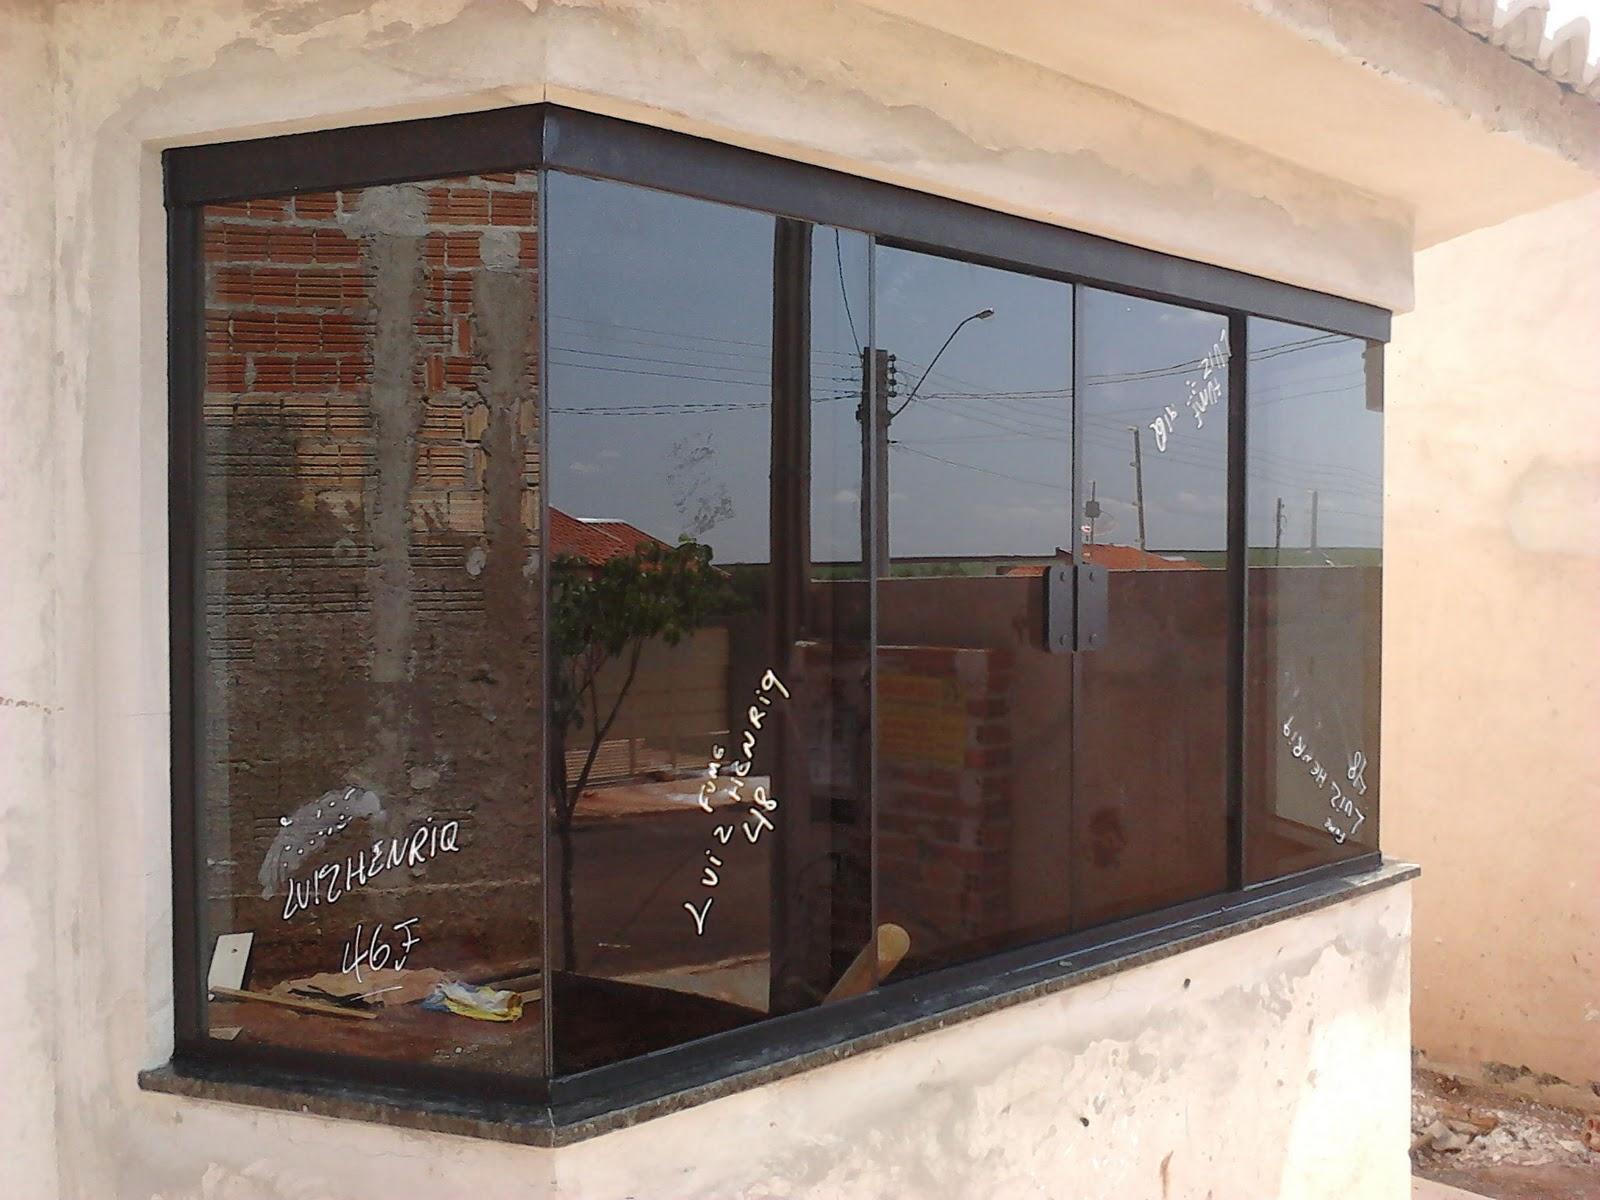 #8D623E FRANCO VIDROS TEMPERADOS: Obra em Ourinhos  324 Janelas De Vidro Temperado Fume Preço